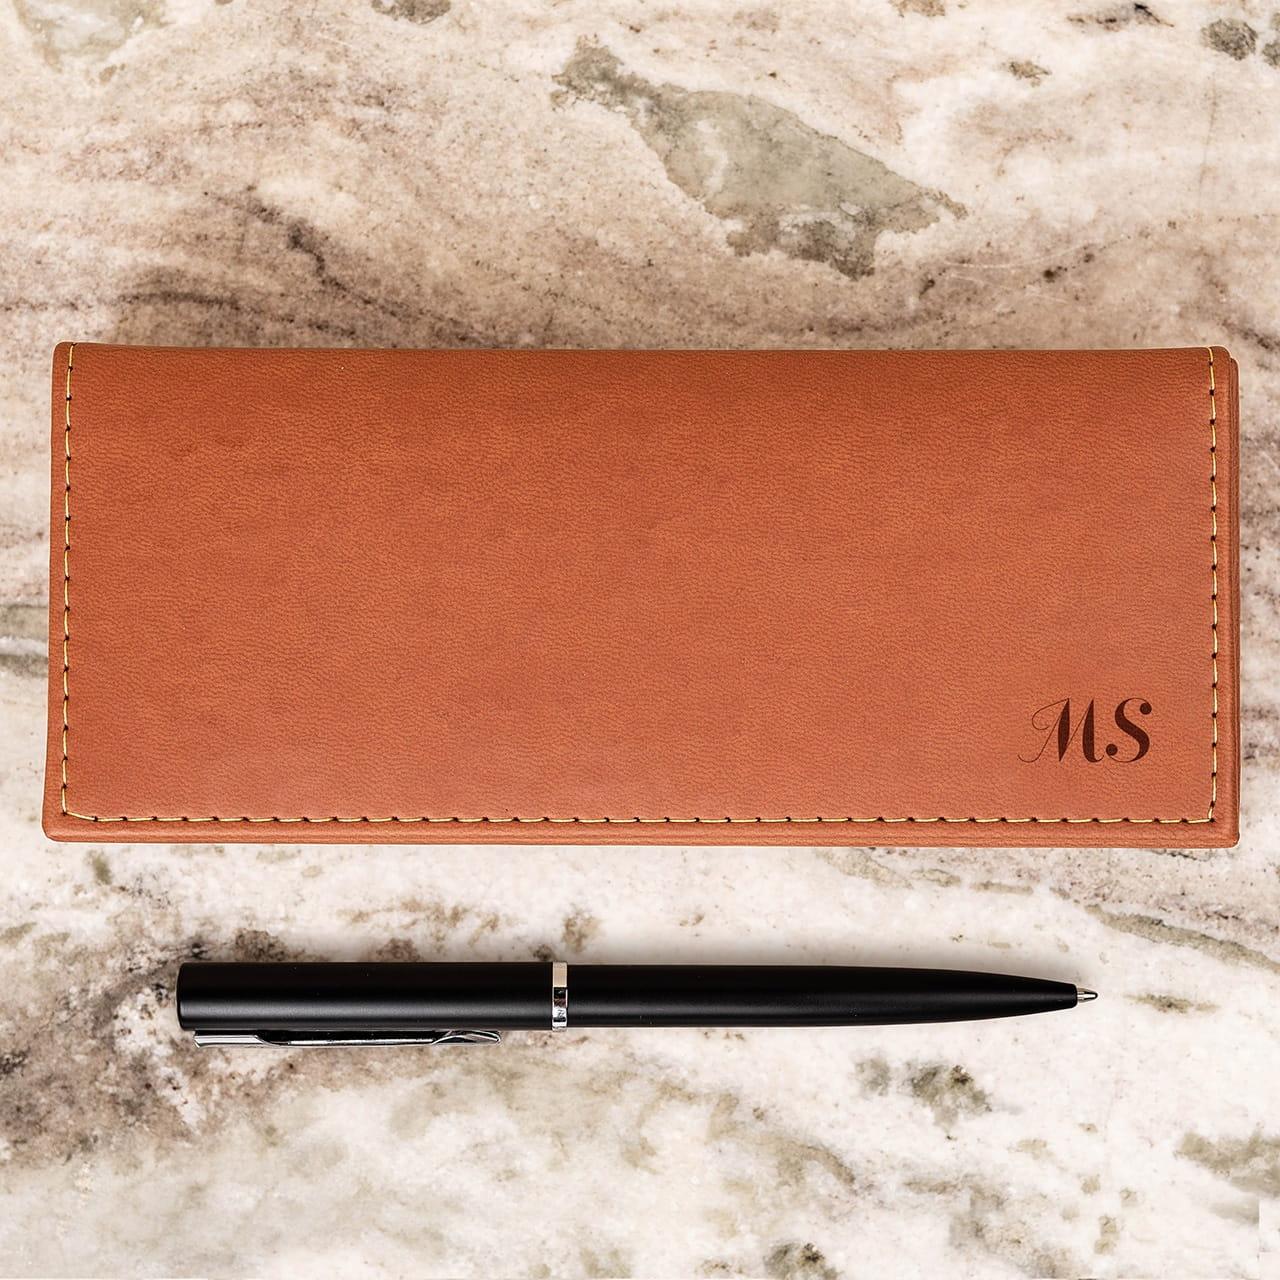 Długopis to elegancki prezent dla prawnika